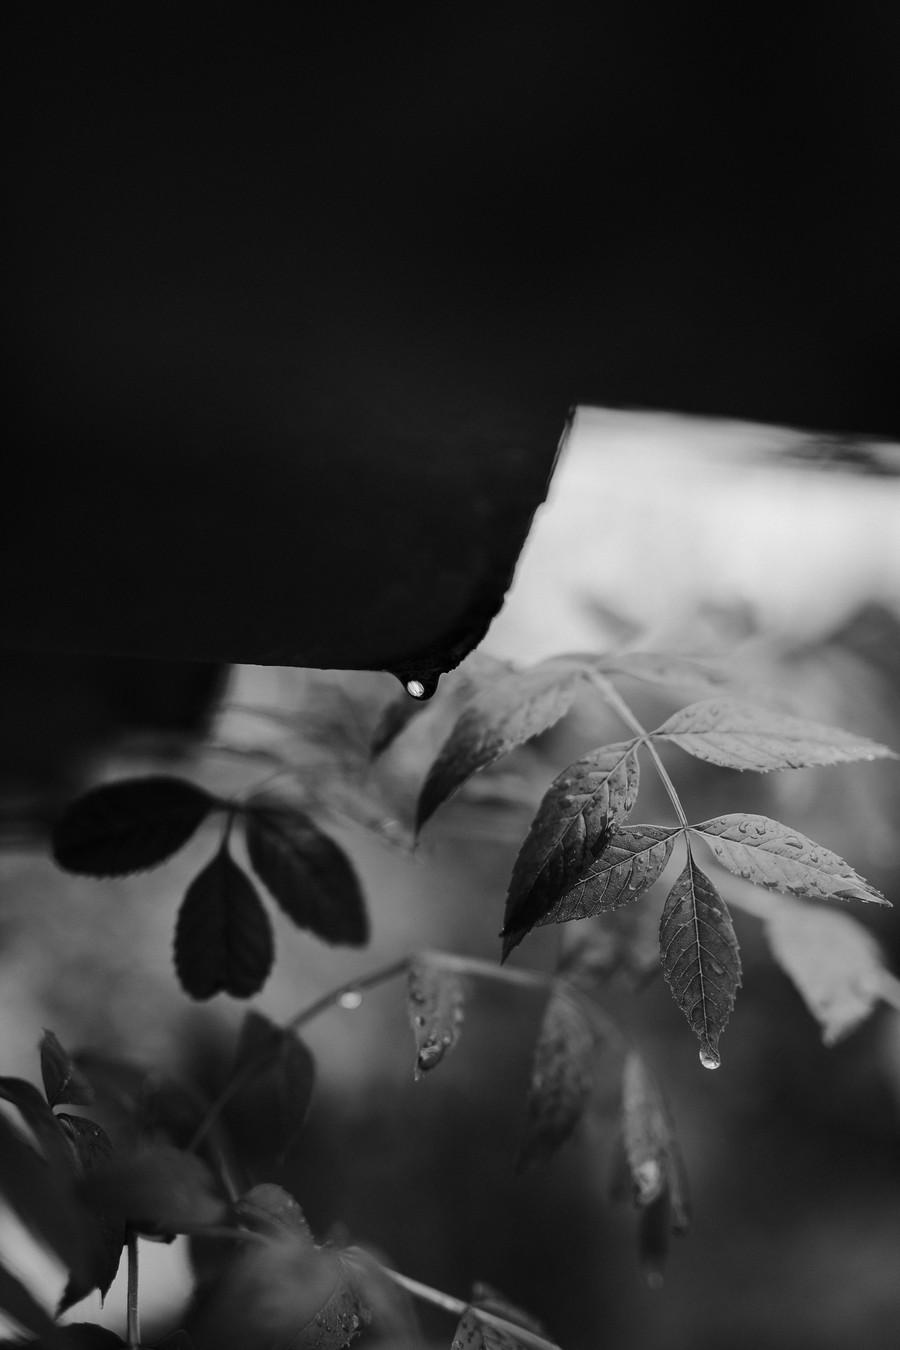 goutte pluie tuile toit contraste feuille frêne noir et blanc défi coronavirus confinement covid-19